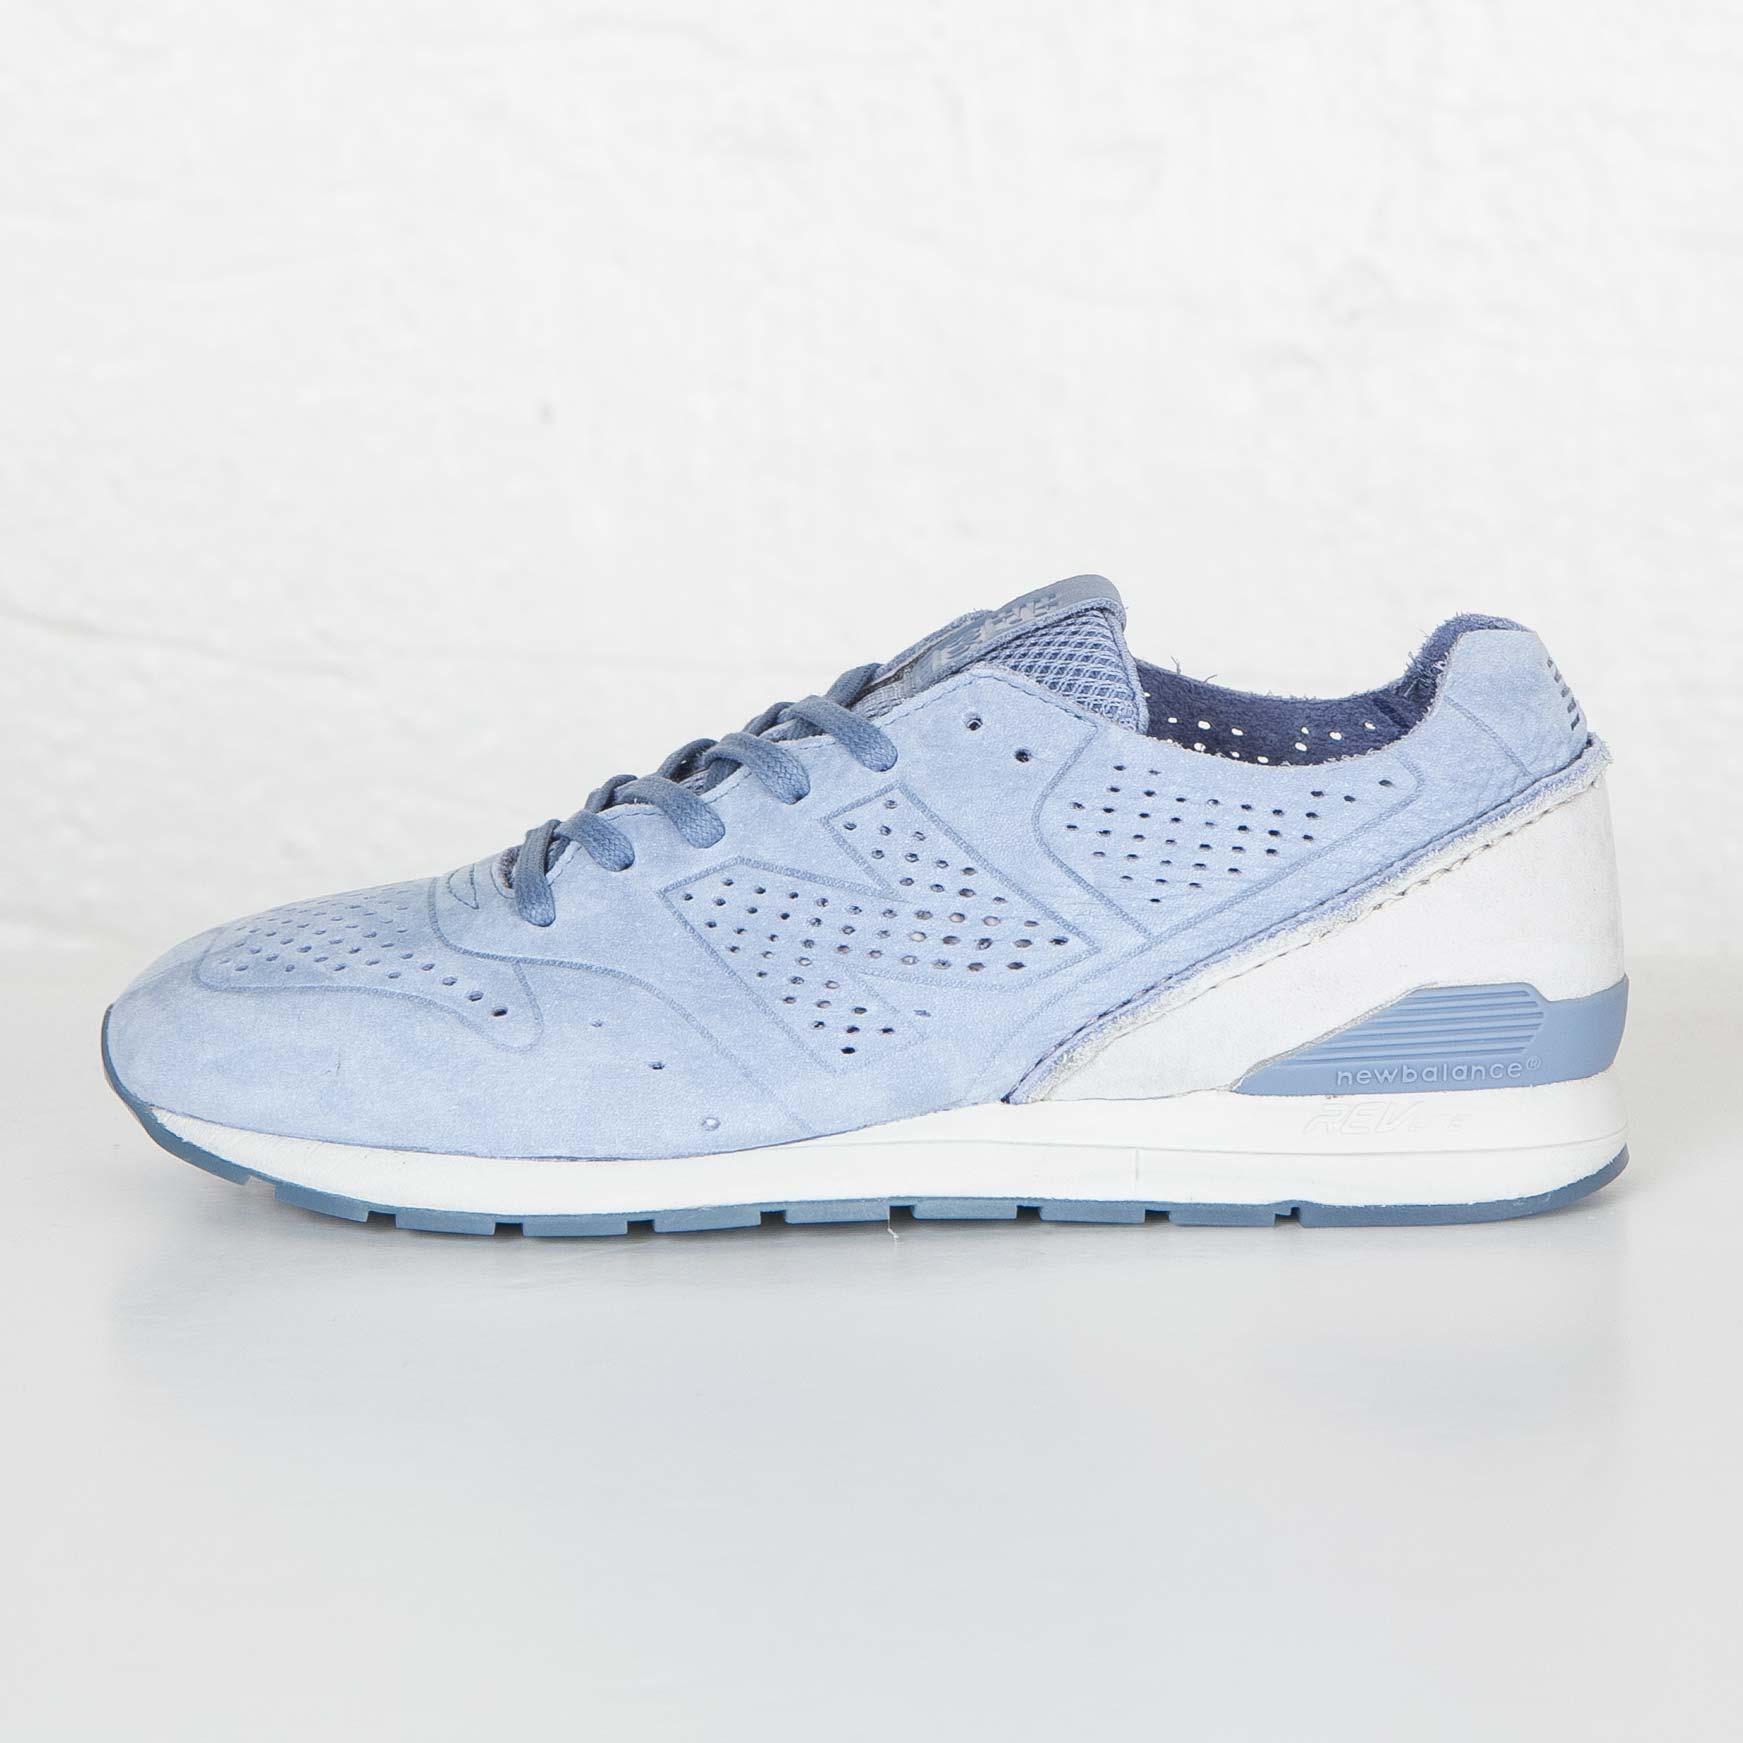 grand choix de dc433 e91cf New Balance MRL996 - Mrl996de - Sneakersnstuff | sneakers ...